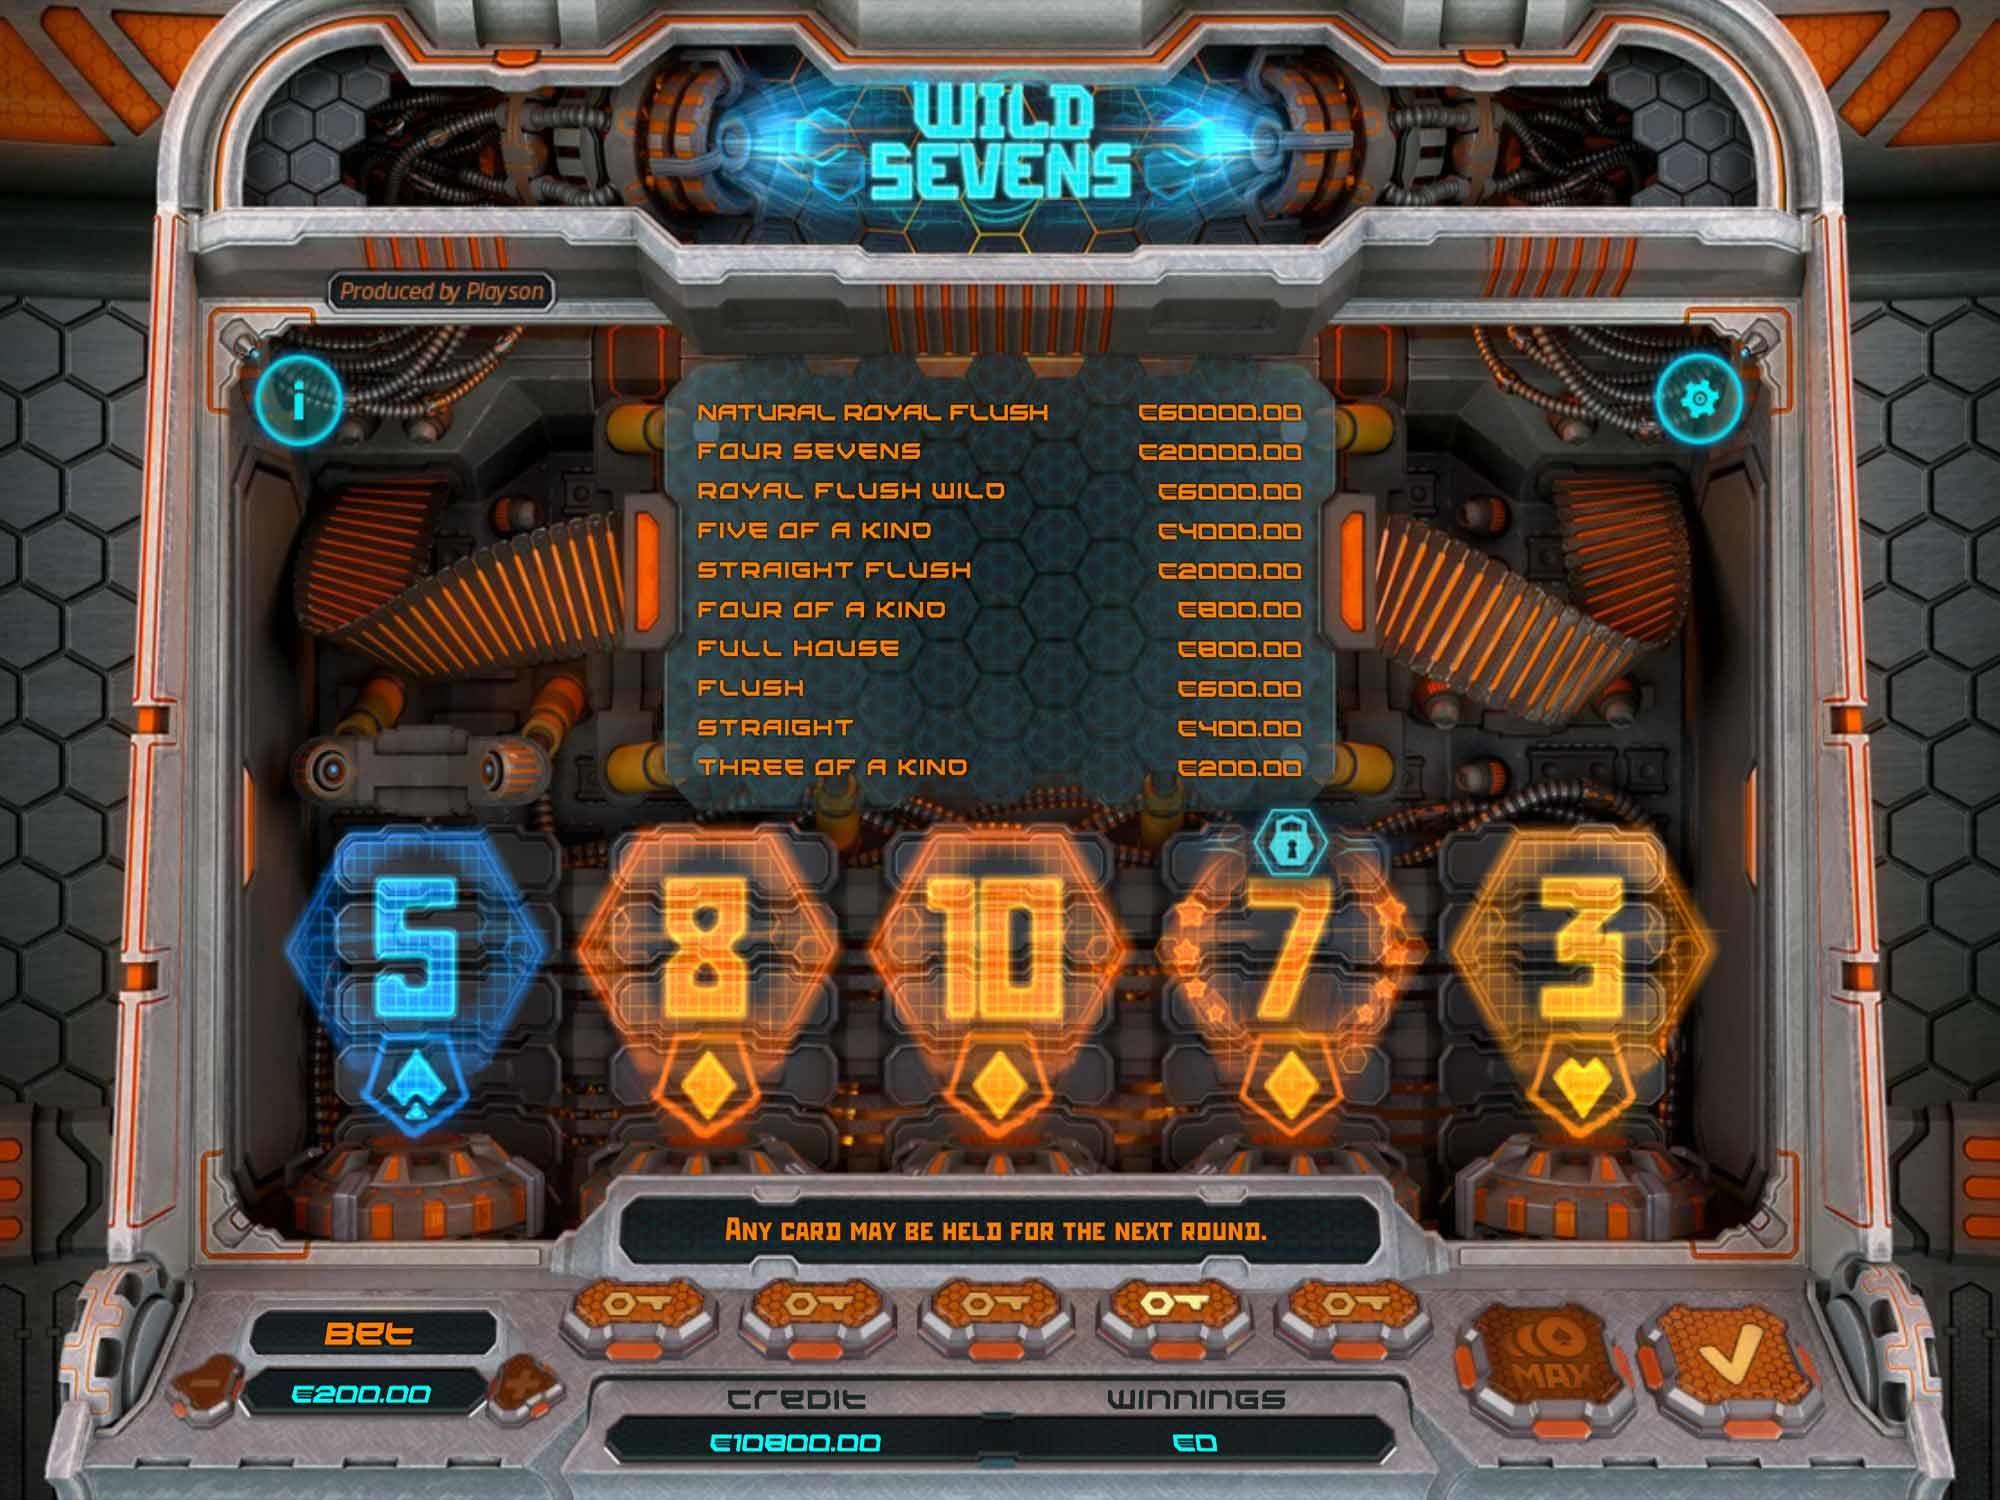 Wild Sevens screenshot